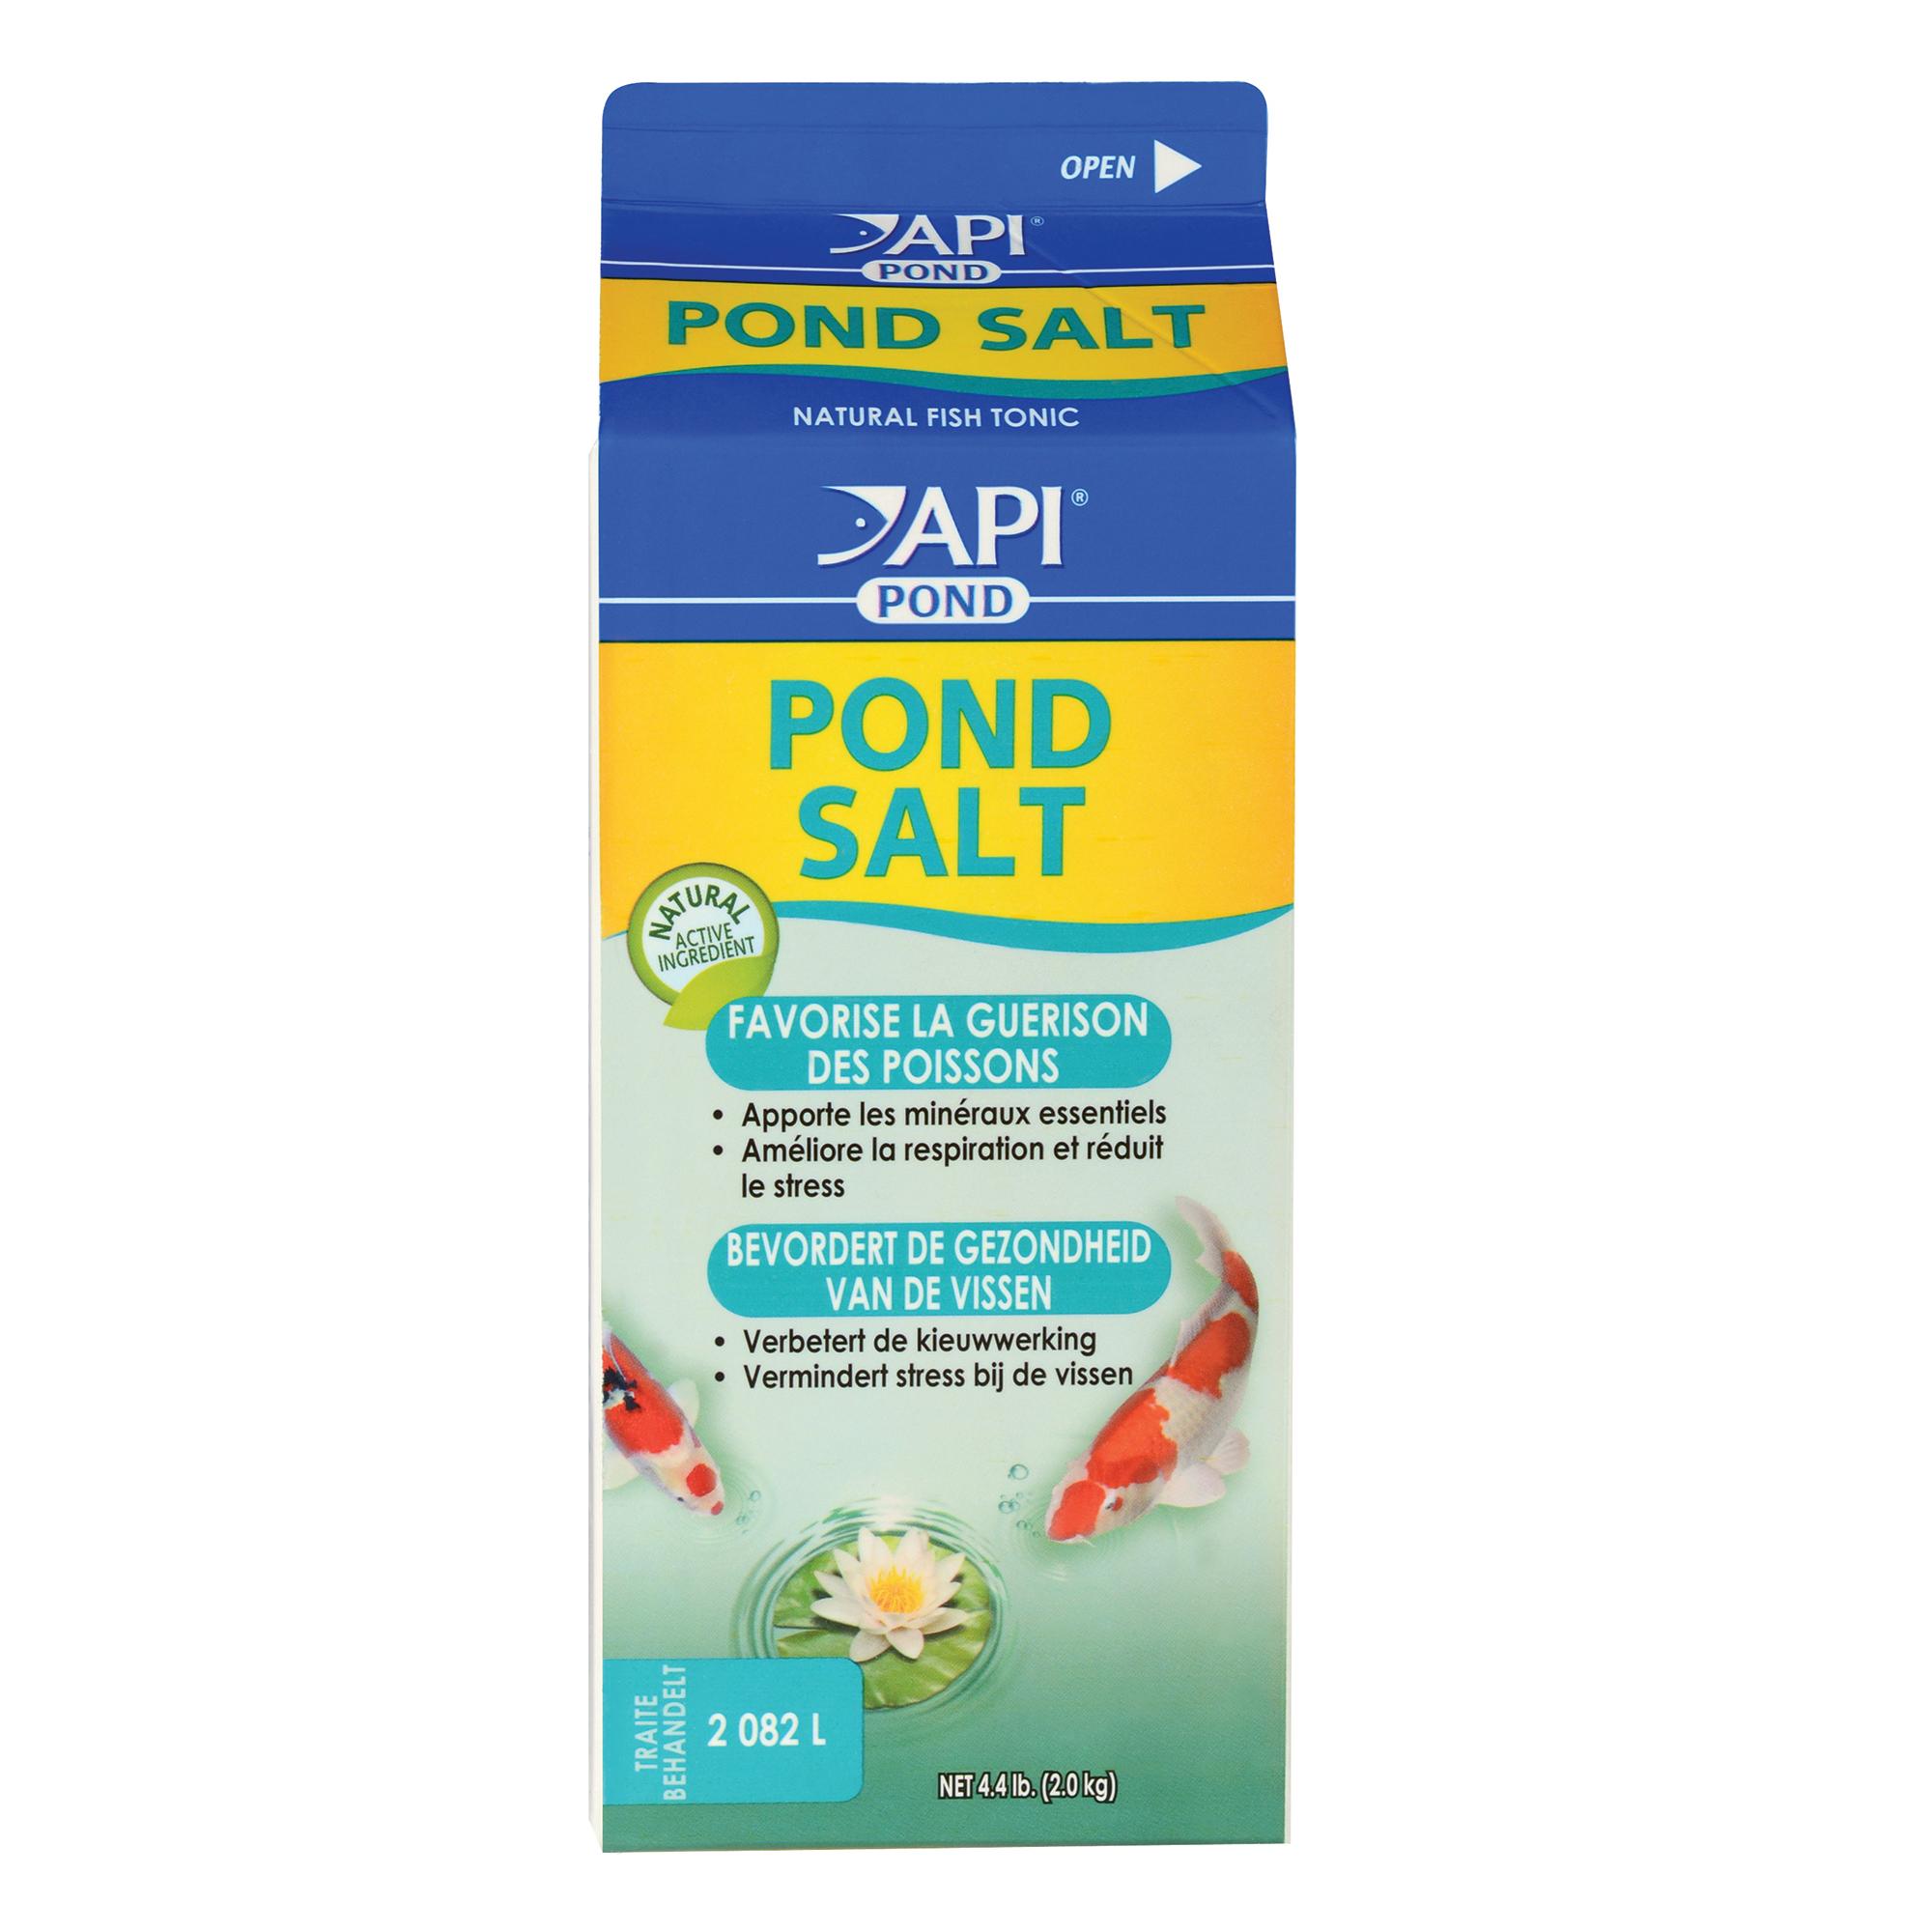 POND SALT